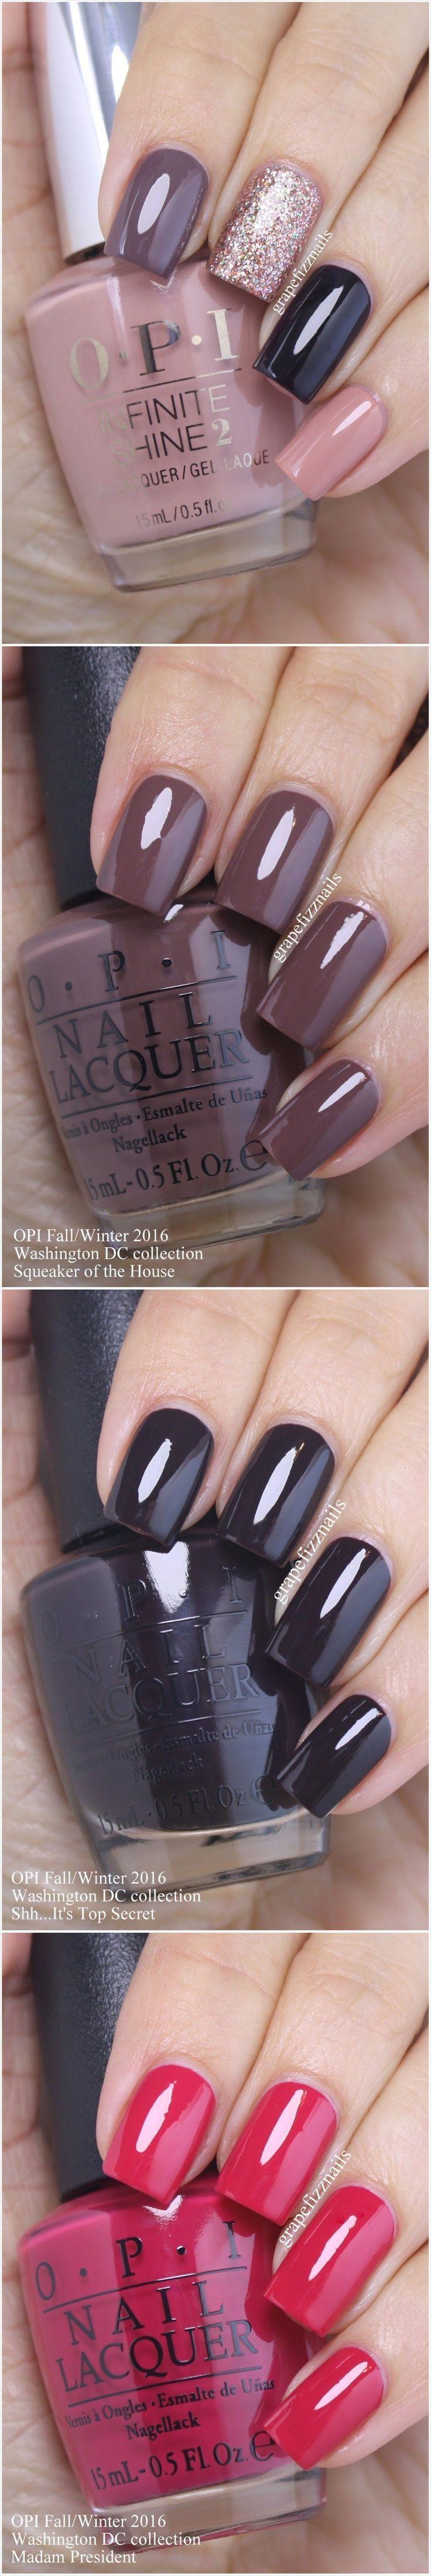 OPI nail swatches fall